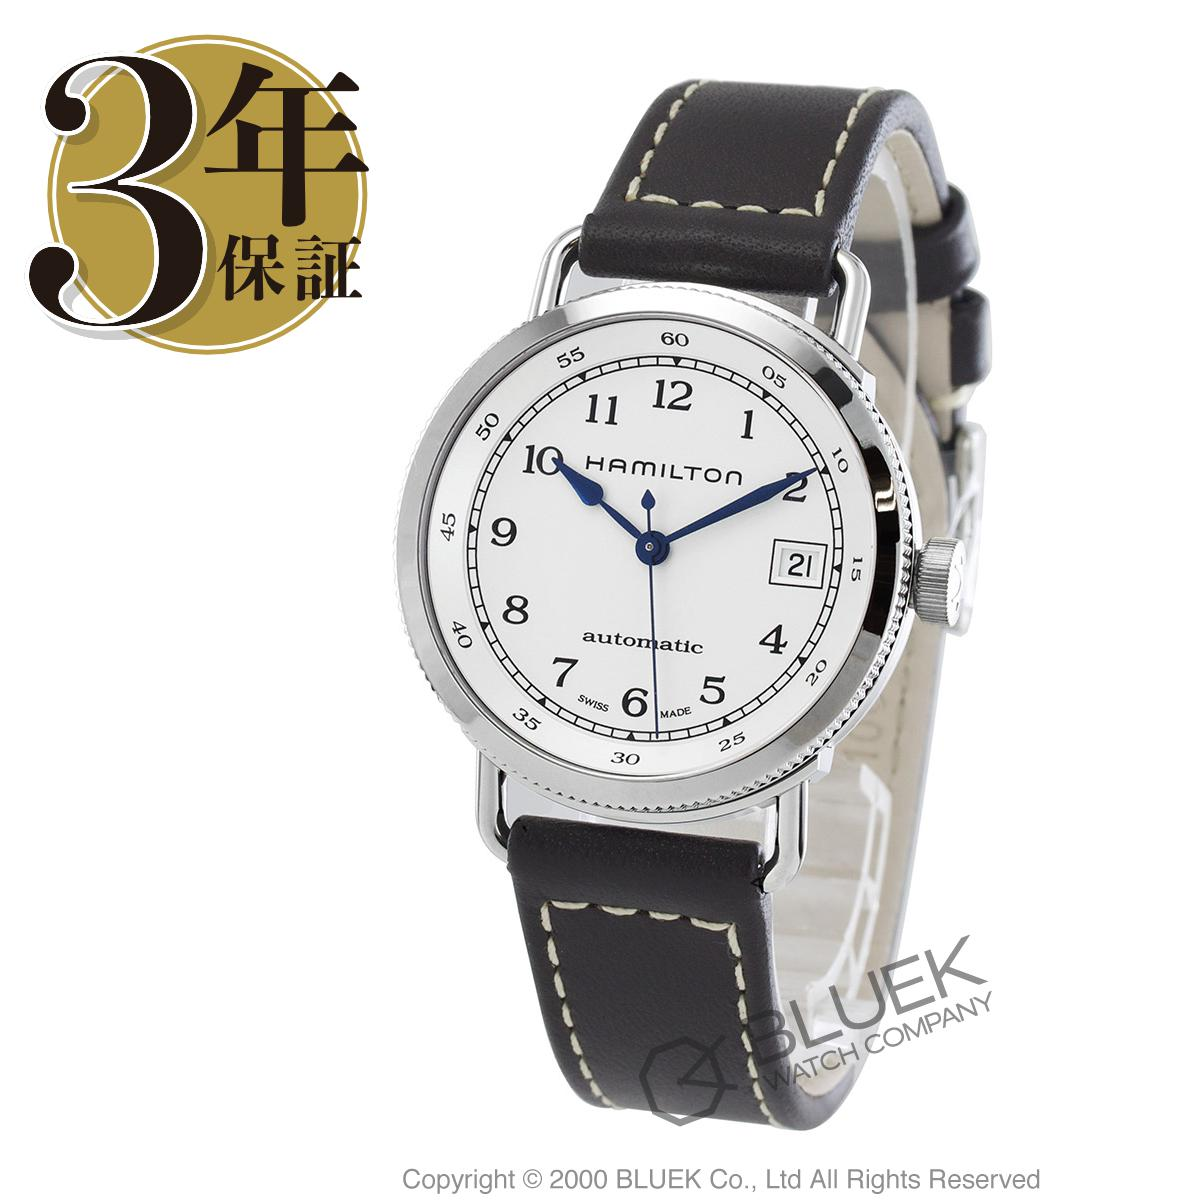 送料無料 あす楽対応 ハミルトン 信頼 H78215553 HAMILTON 新着 時計 ユニセックス ネイビー パイオニア 新品 H78215553_3 カーキ